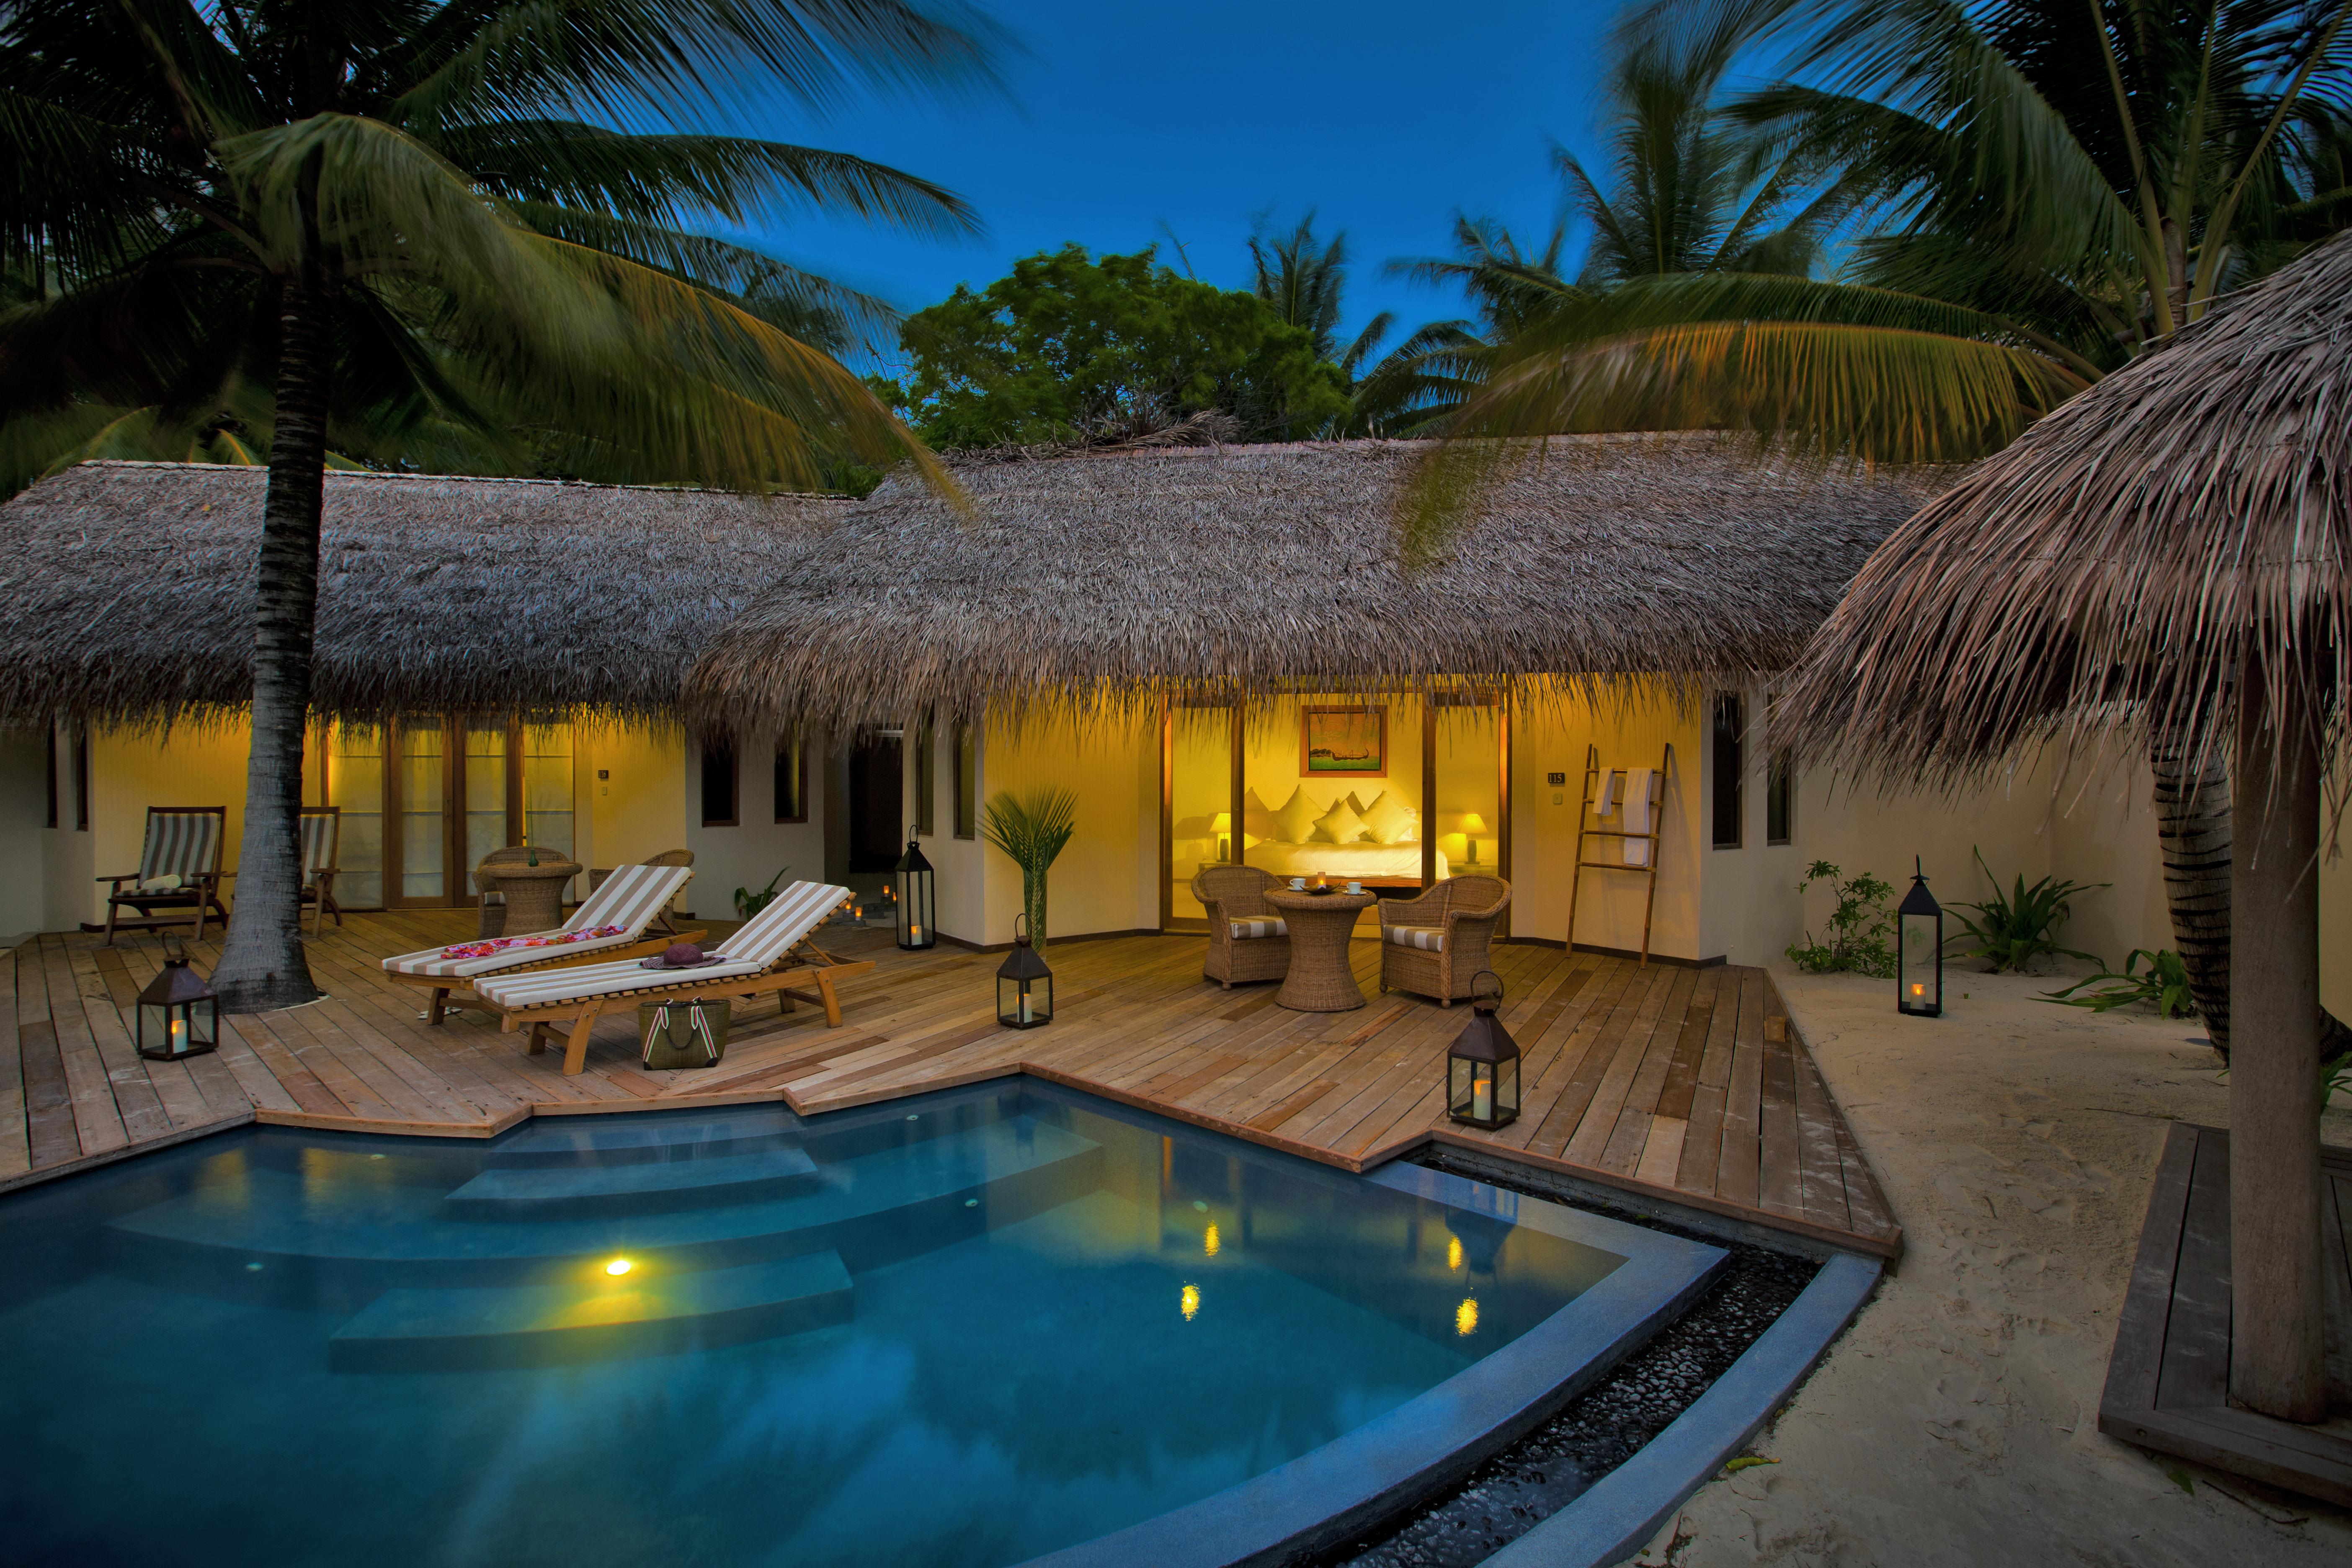 Бассейн, отель, Мальдивы, экстерьер обои скачать